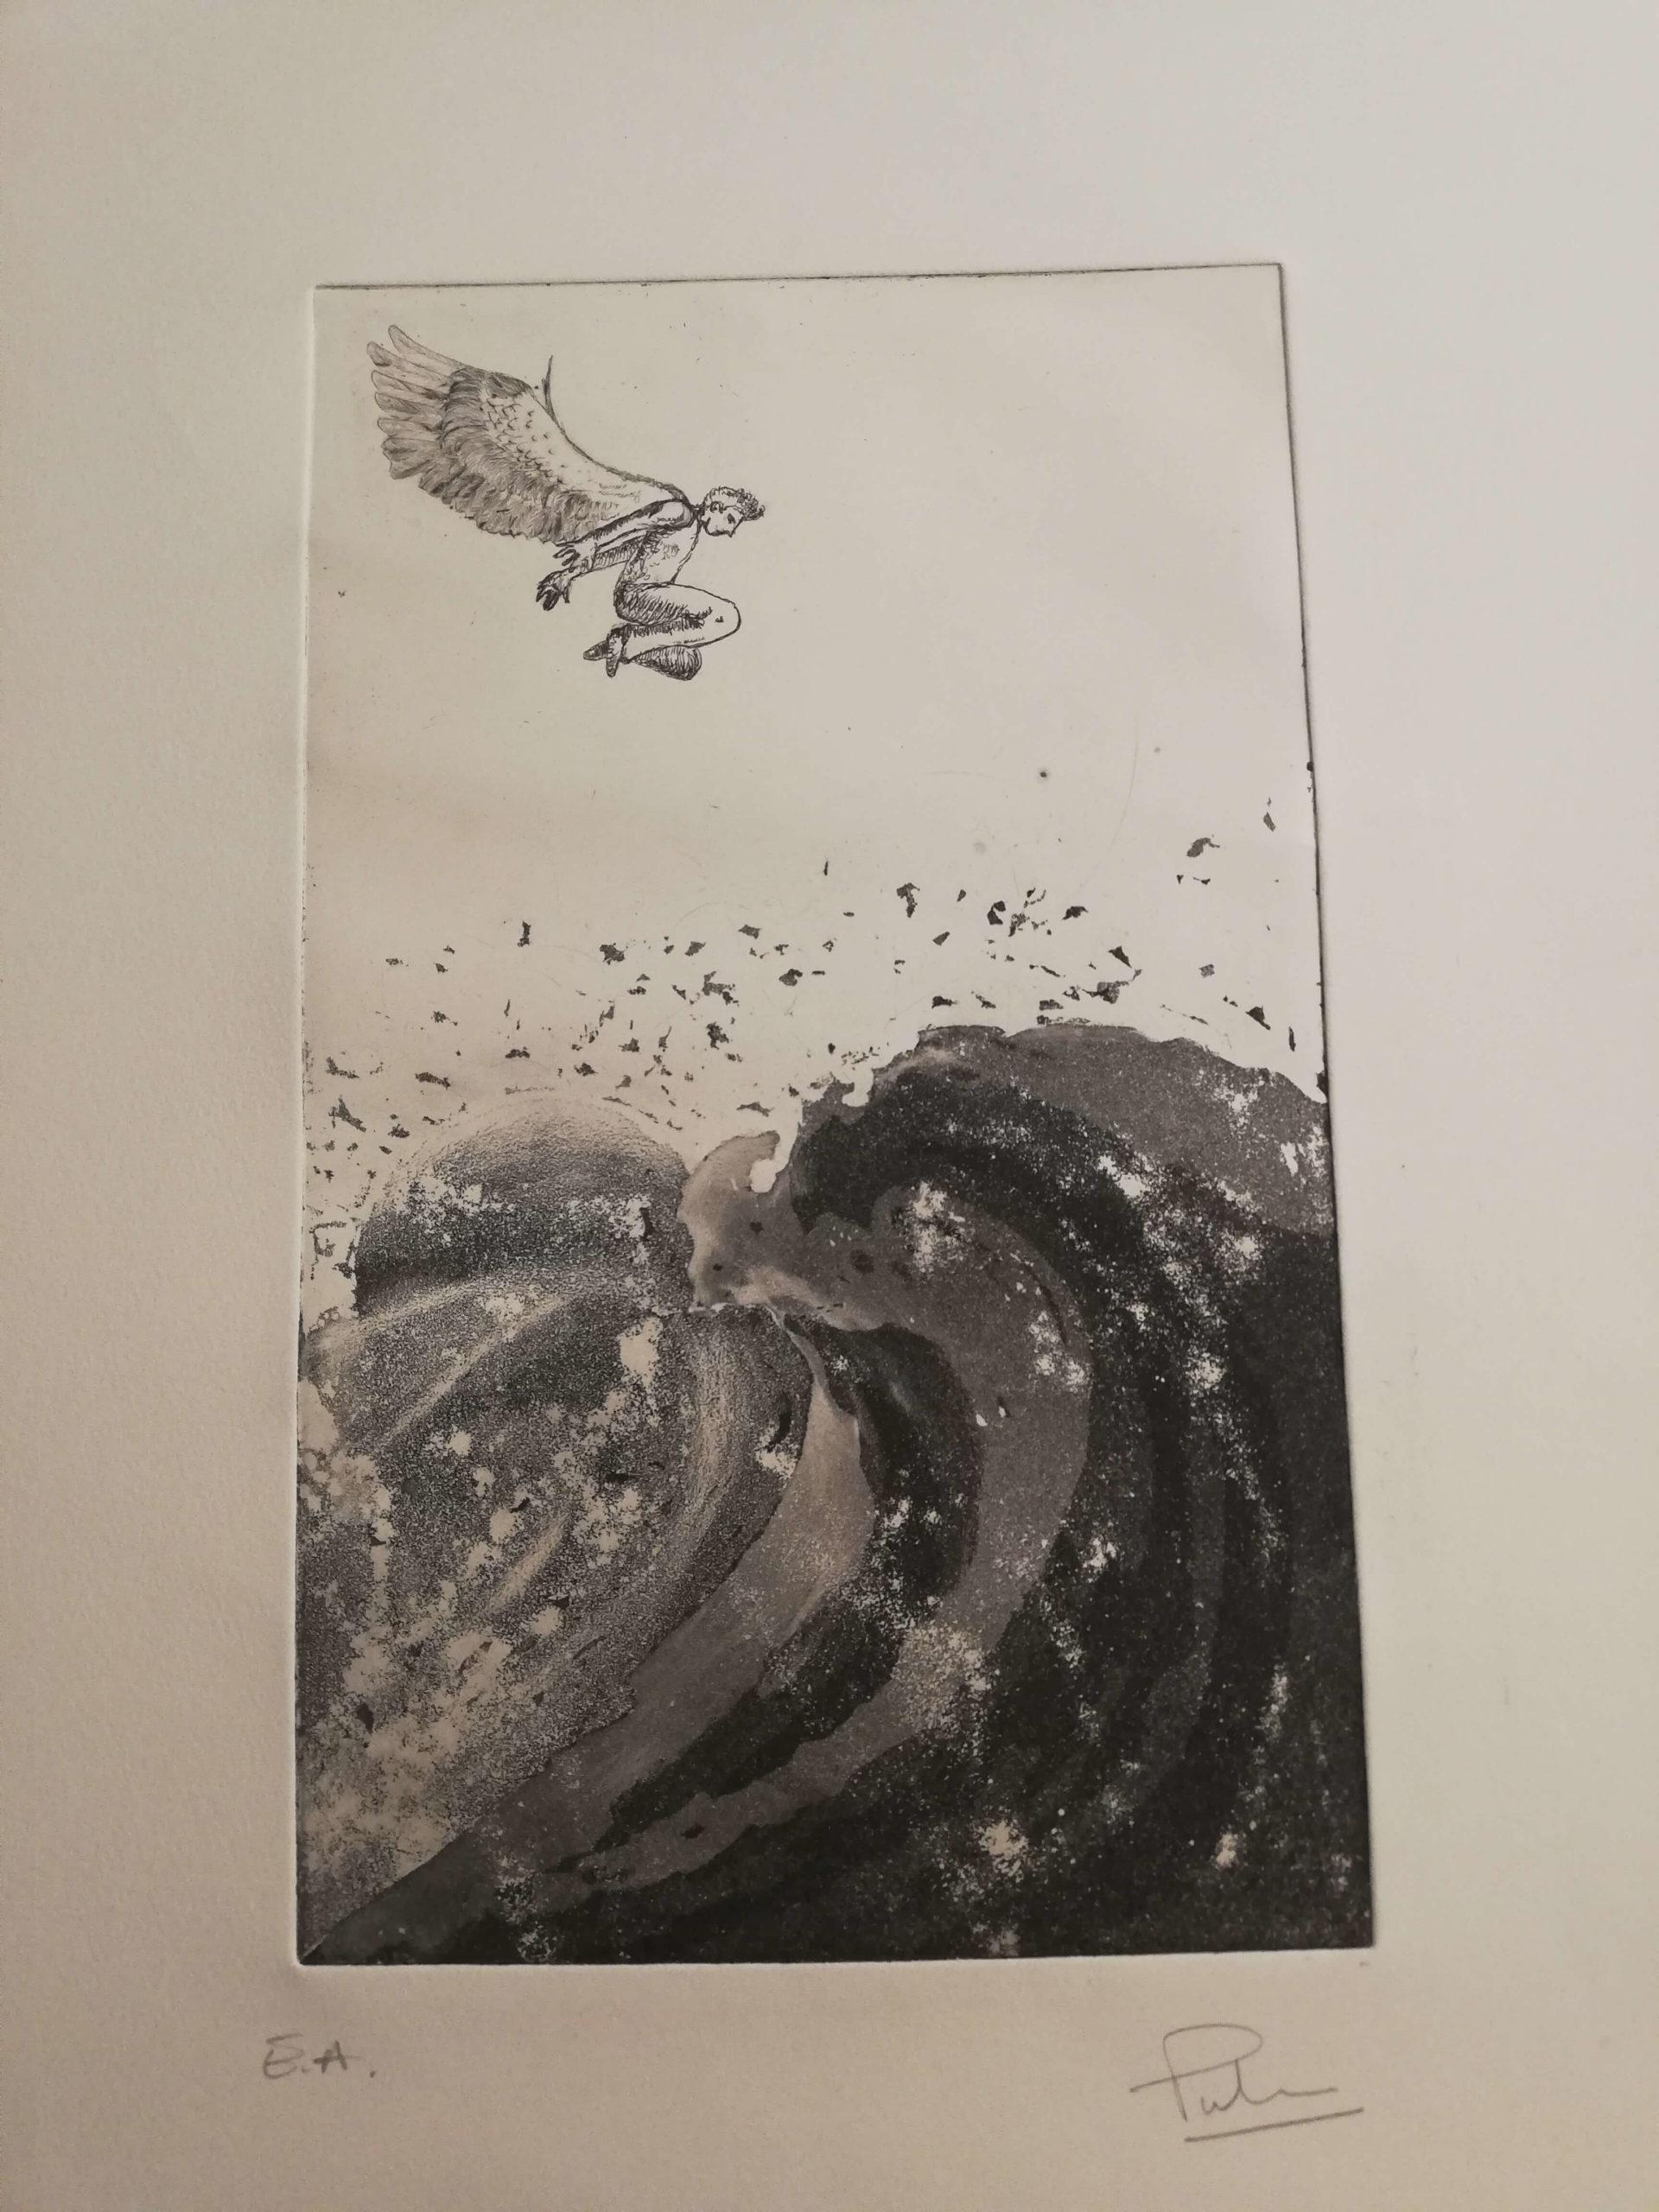 La vague engrave by Michel Puharré